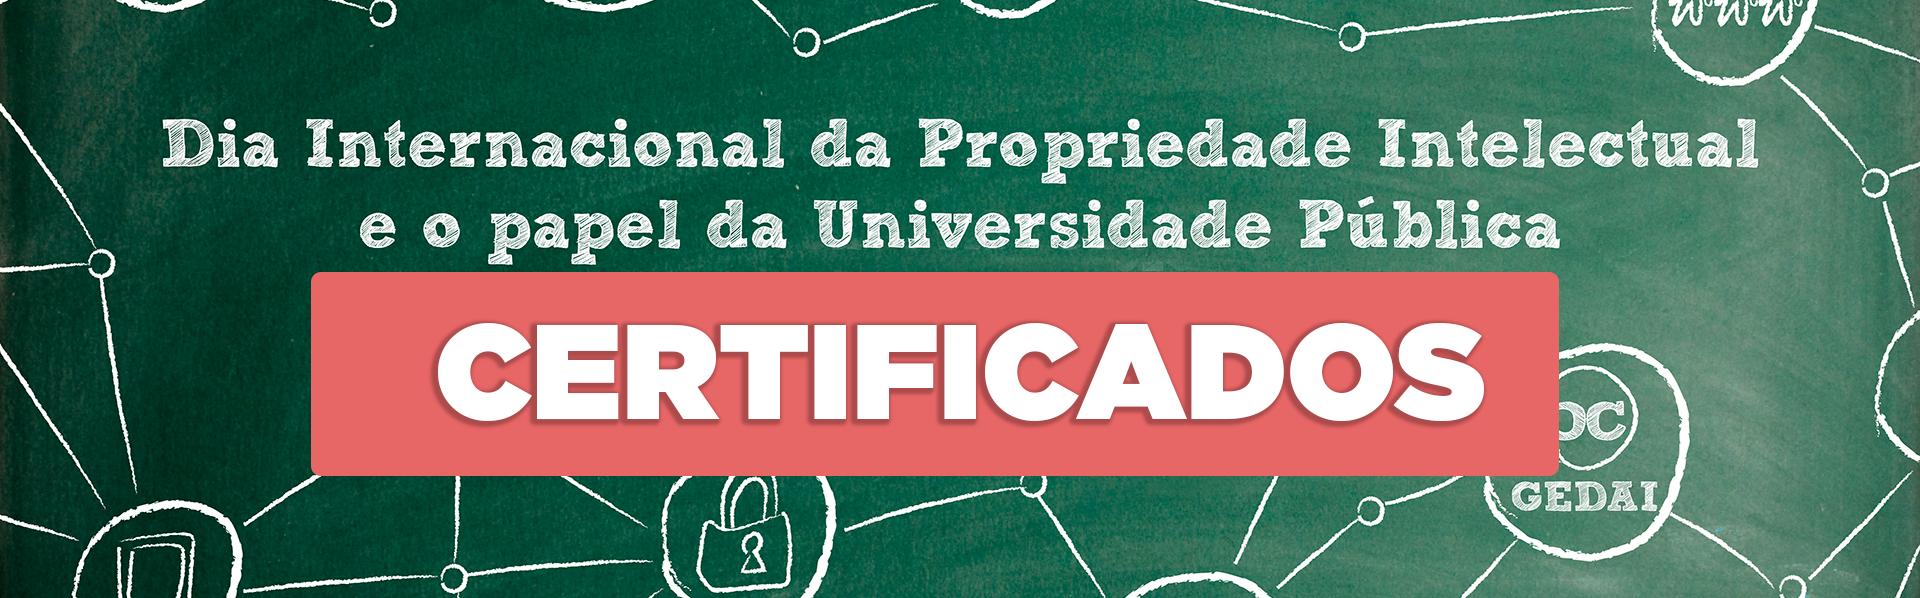 Read more about the article Certificados do evento em comemoração ao Dia Internacional da Propriedade Intelectual